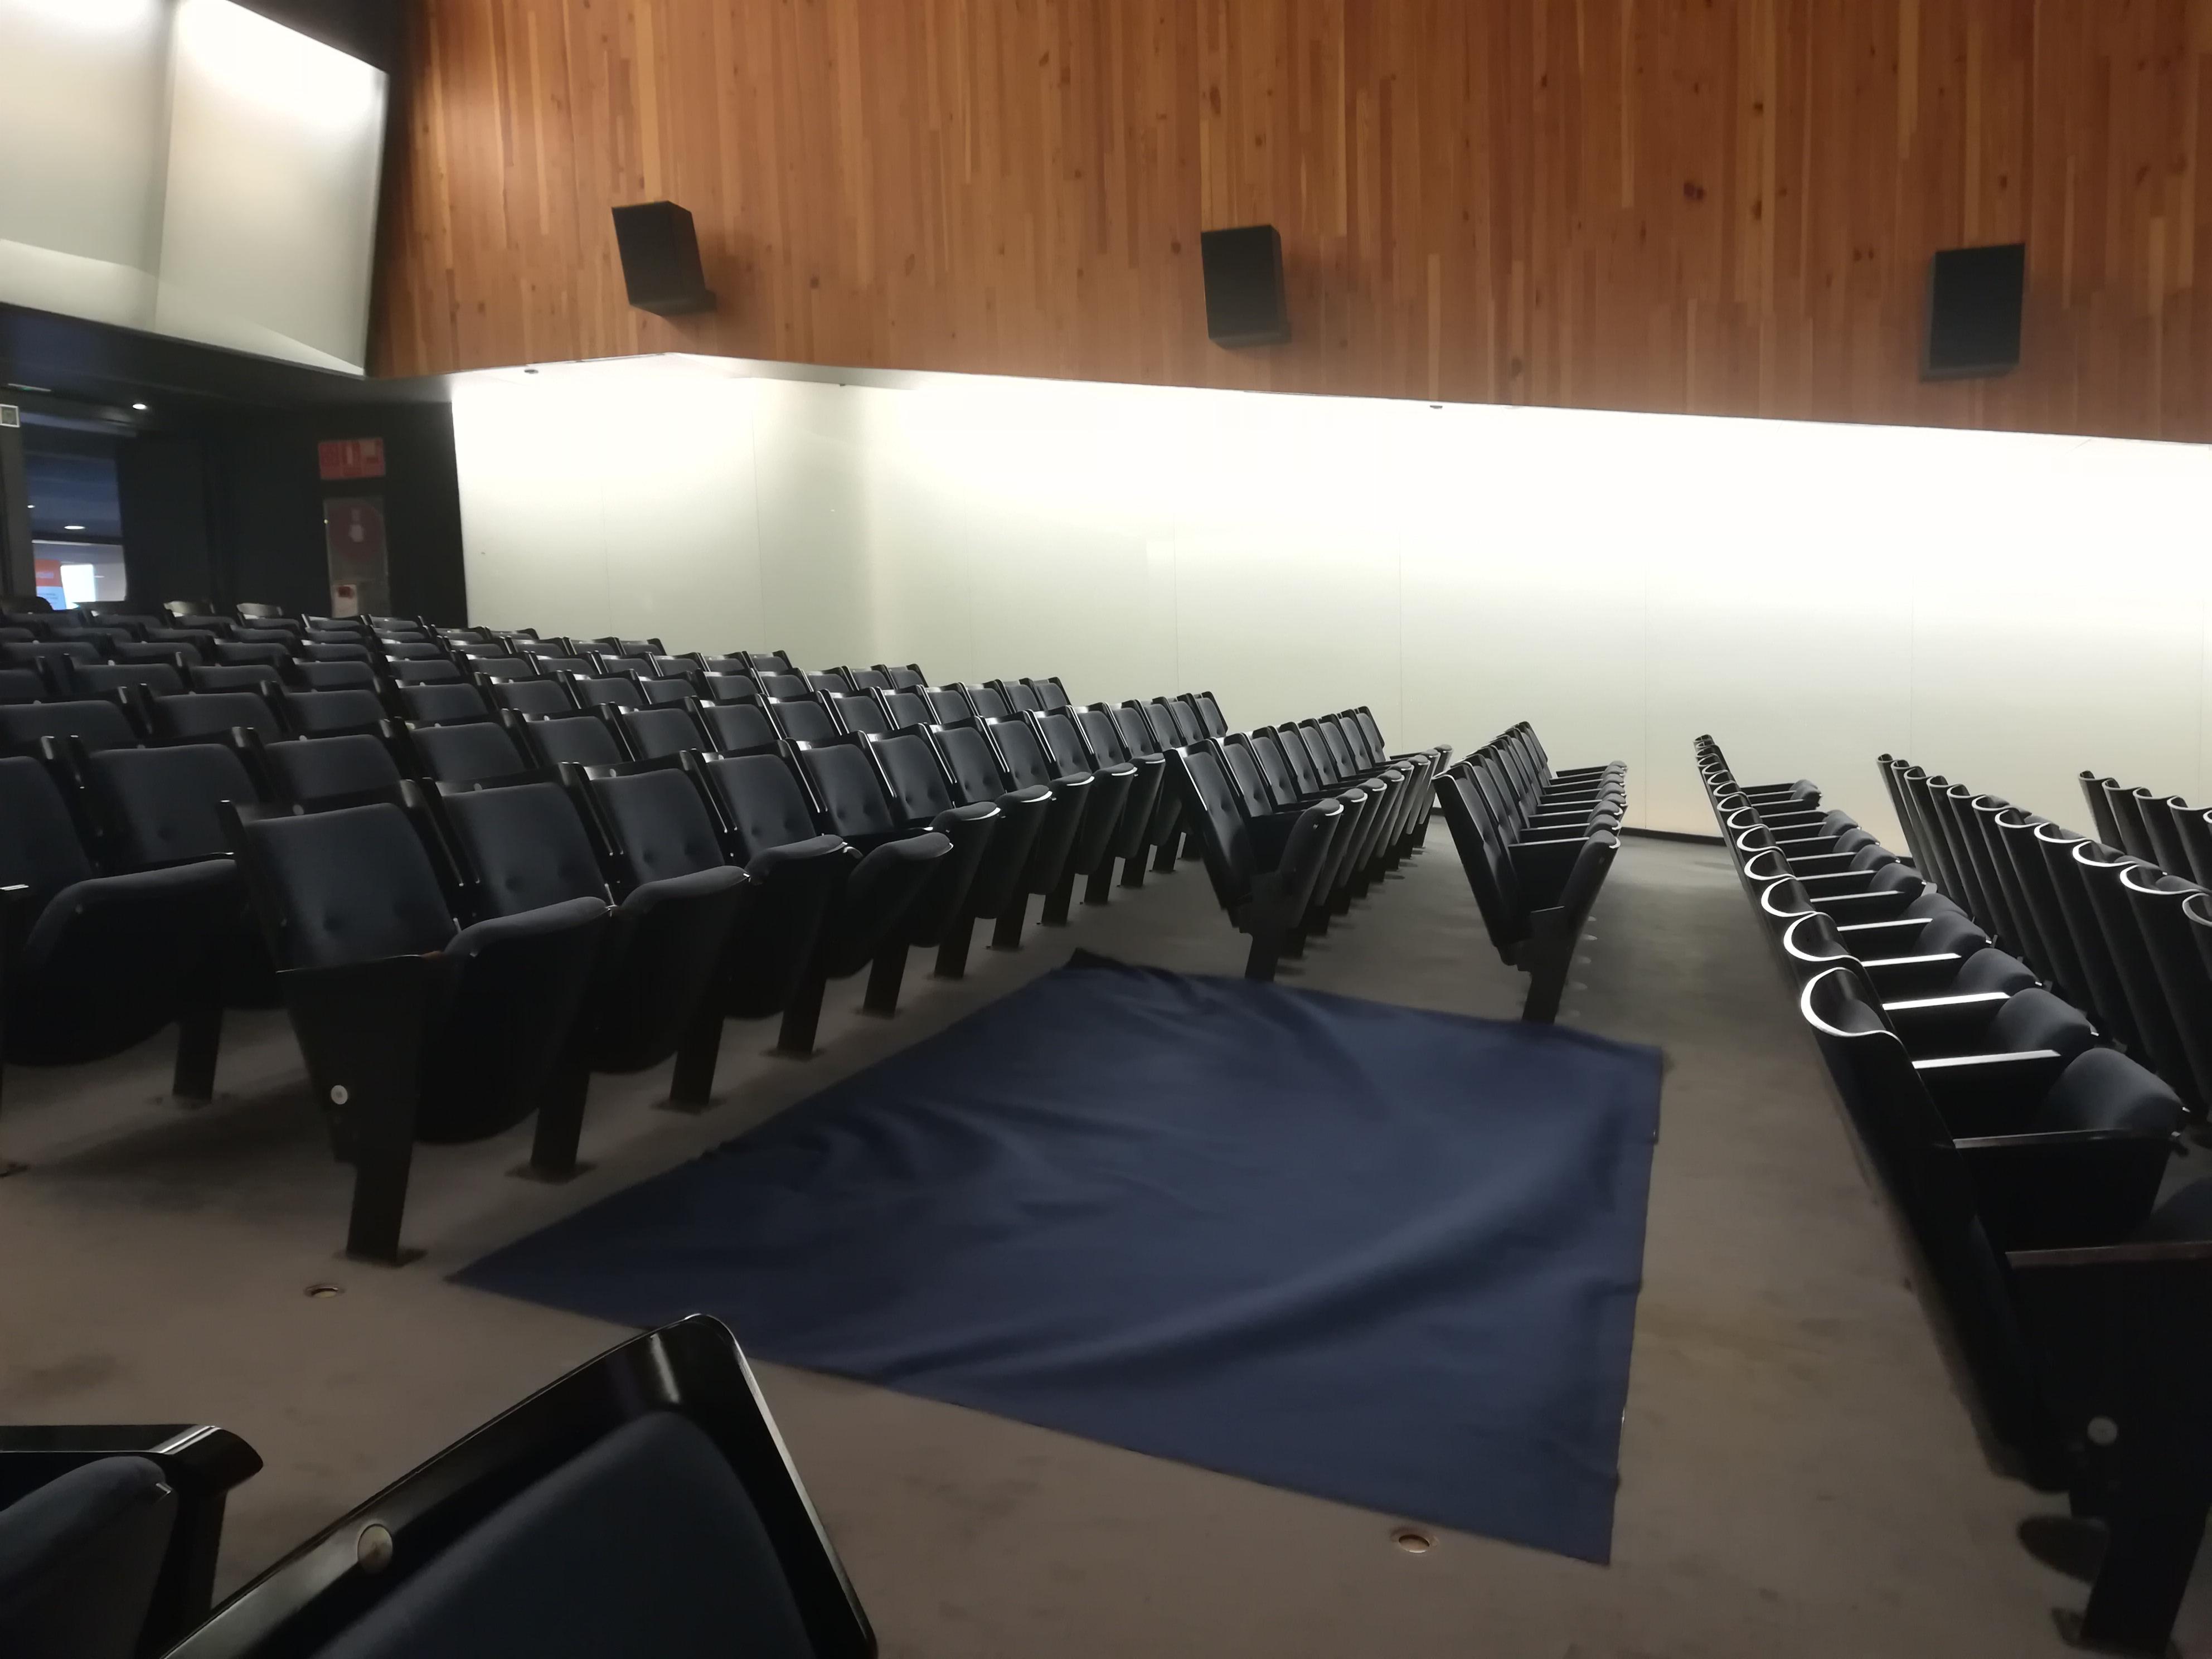 L'Ajuntament de Peníscola denúncia 'l'abandó' del Palau de Congressos per part de la Conselleria de Cultura